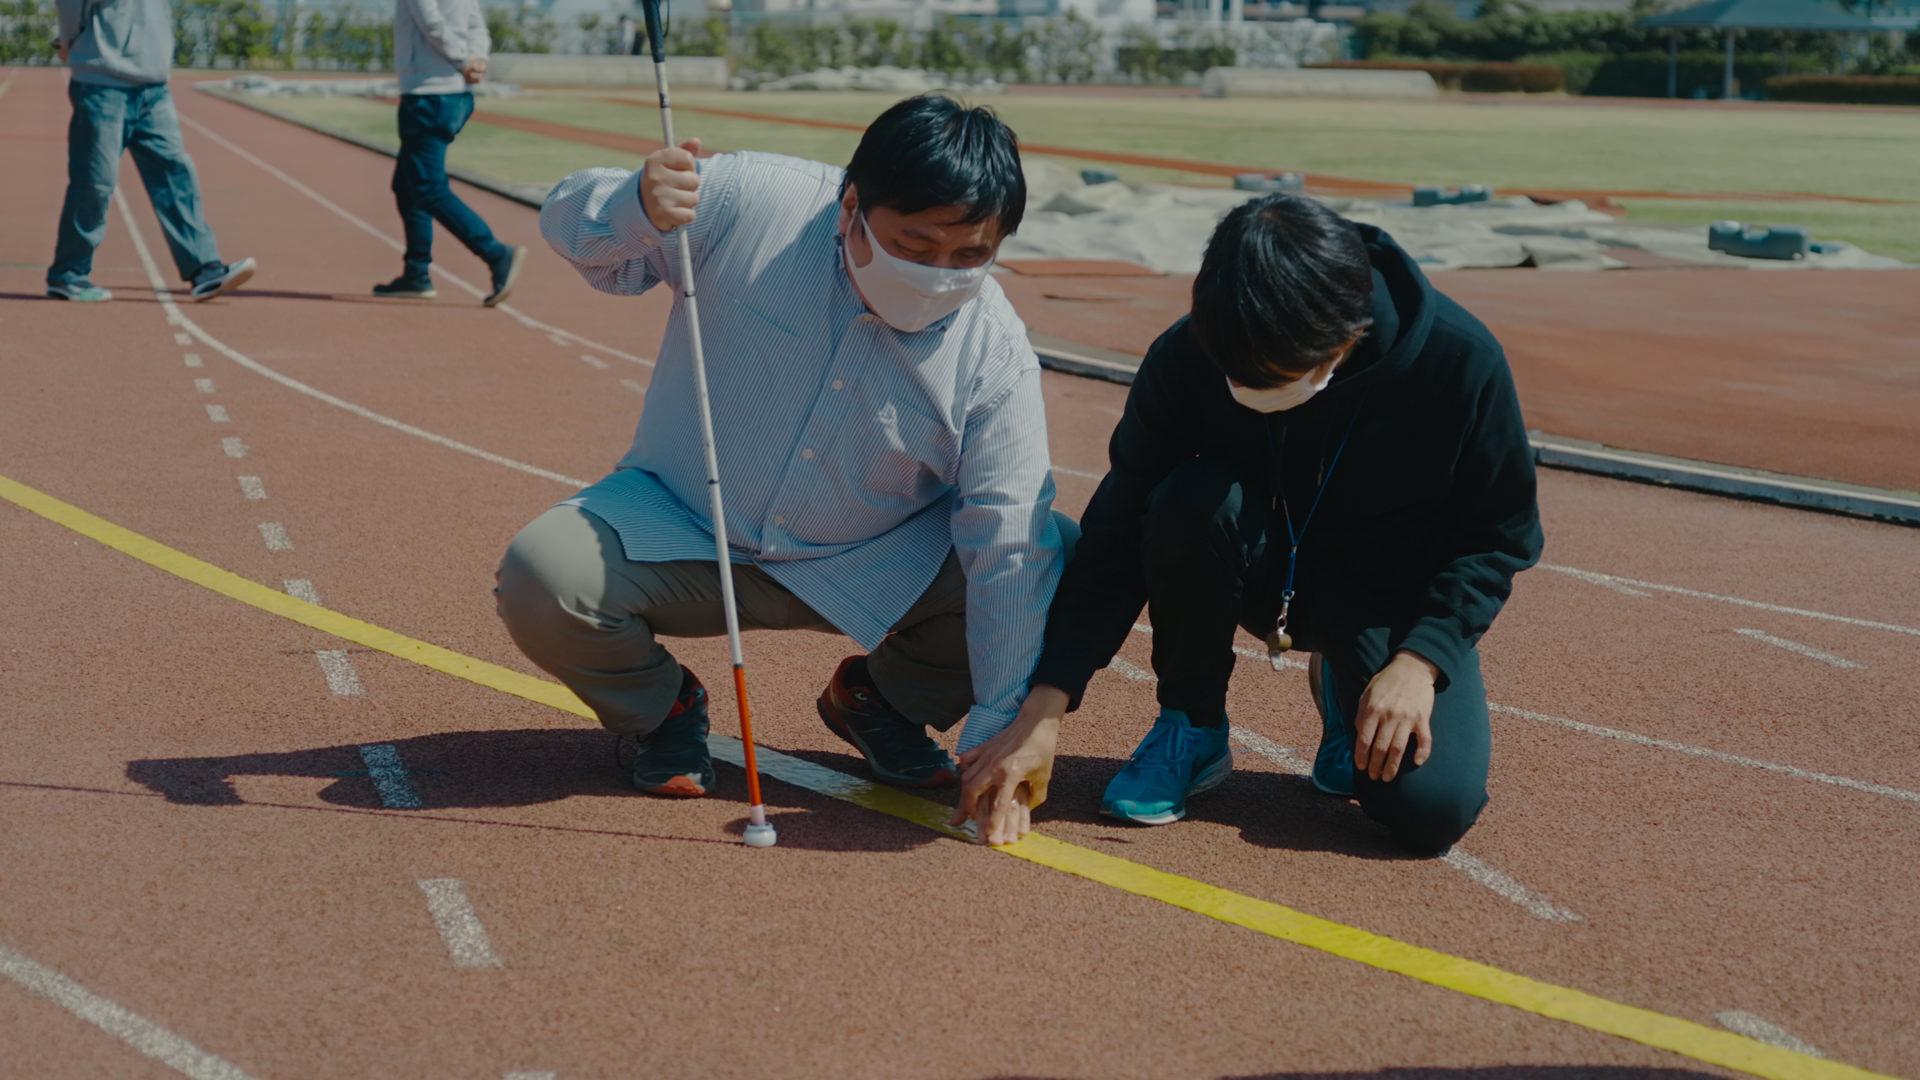 写真:コース上に貼られた黄色いガイドラインのテープに触れ、確認している男性のテスト走者。